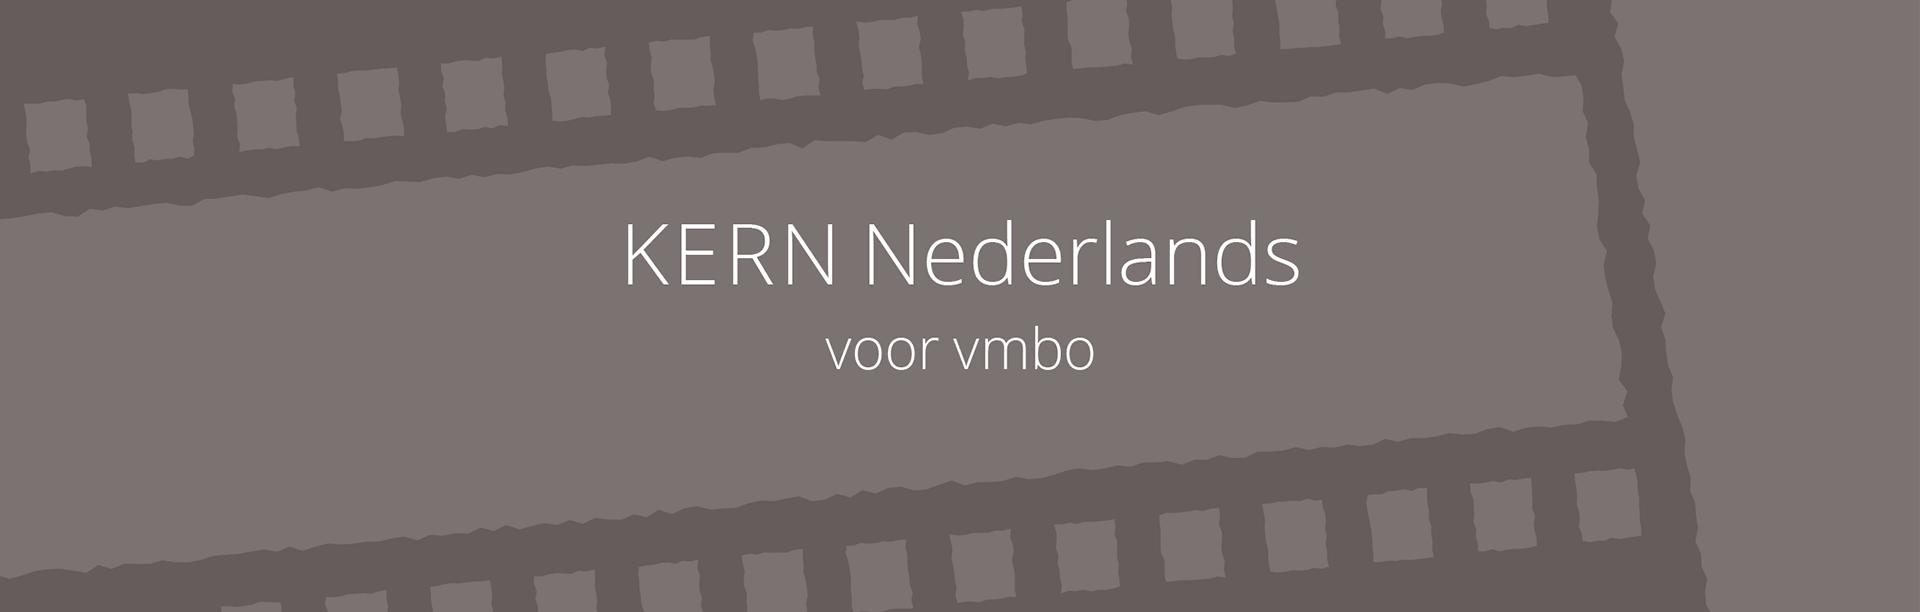 Lesmethode Nederlands vmbo | Bekijk nu KERN Nederlands vmbo